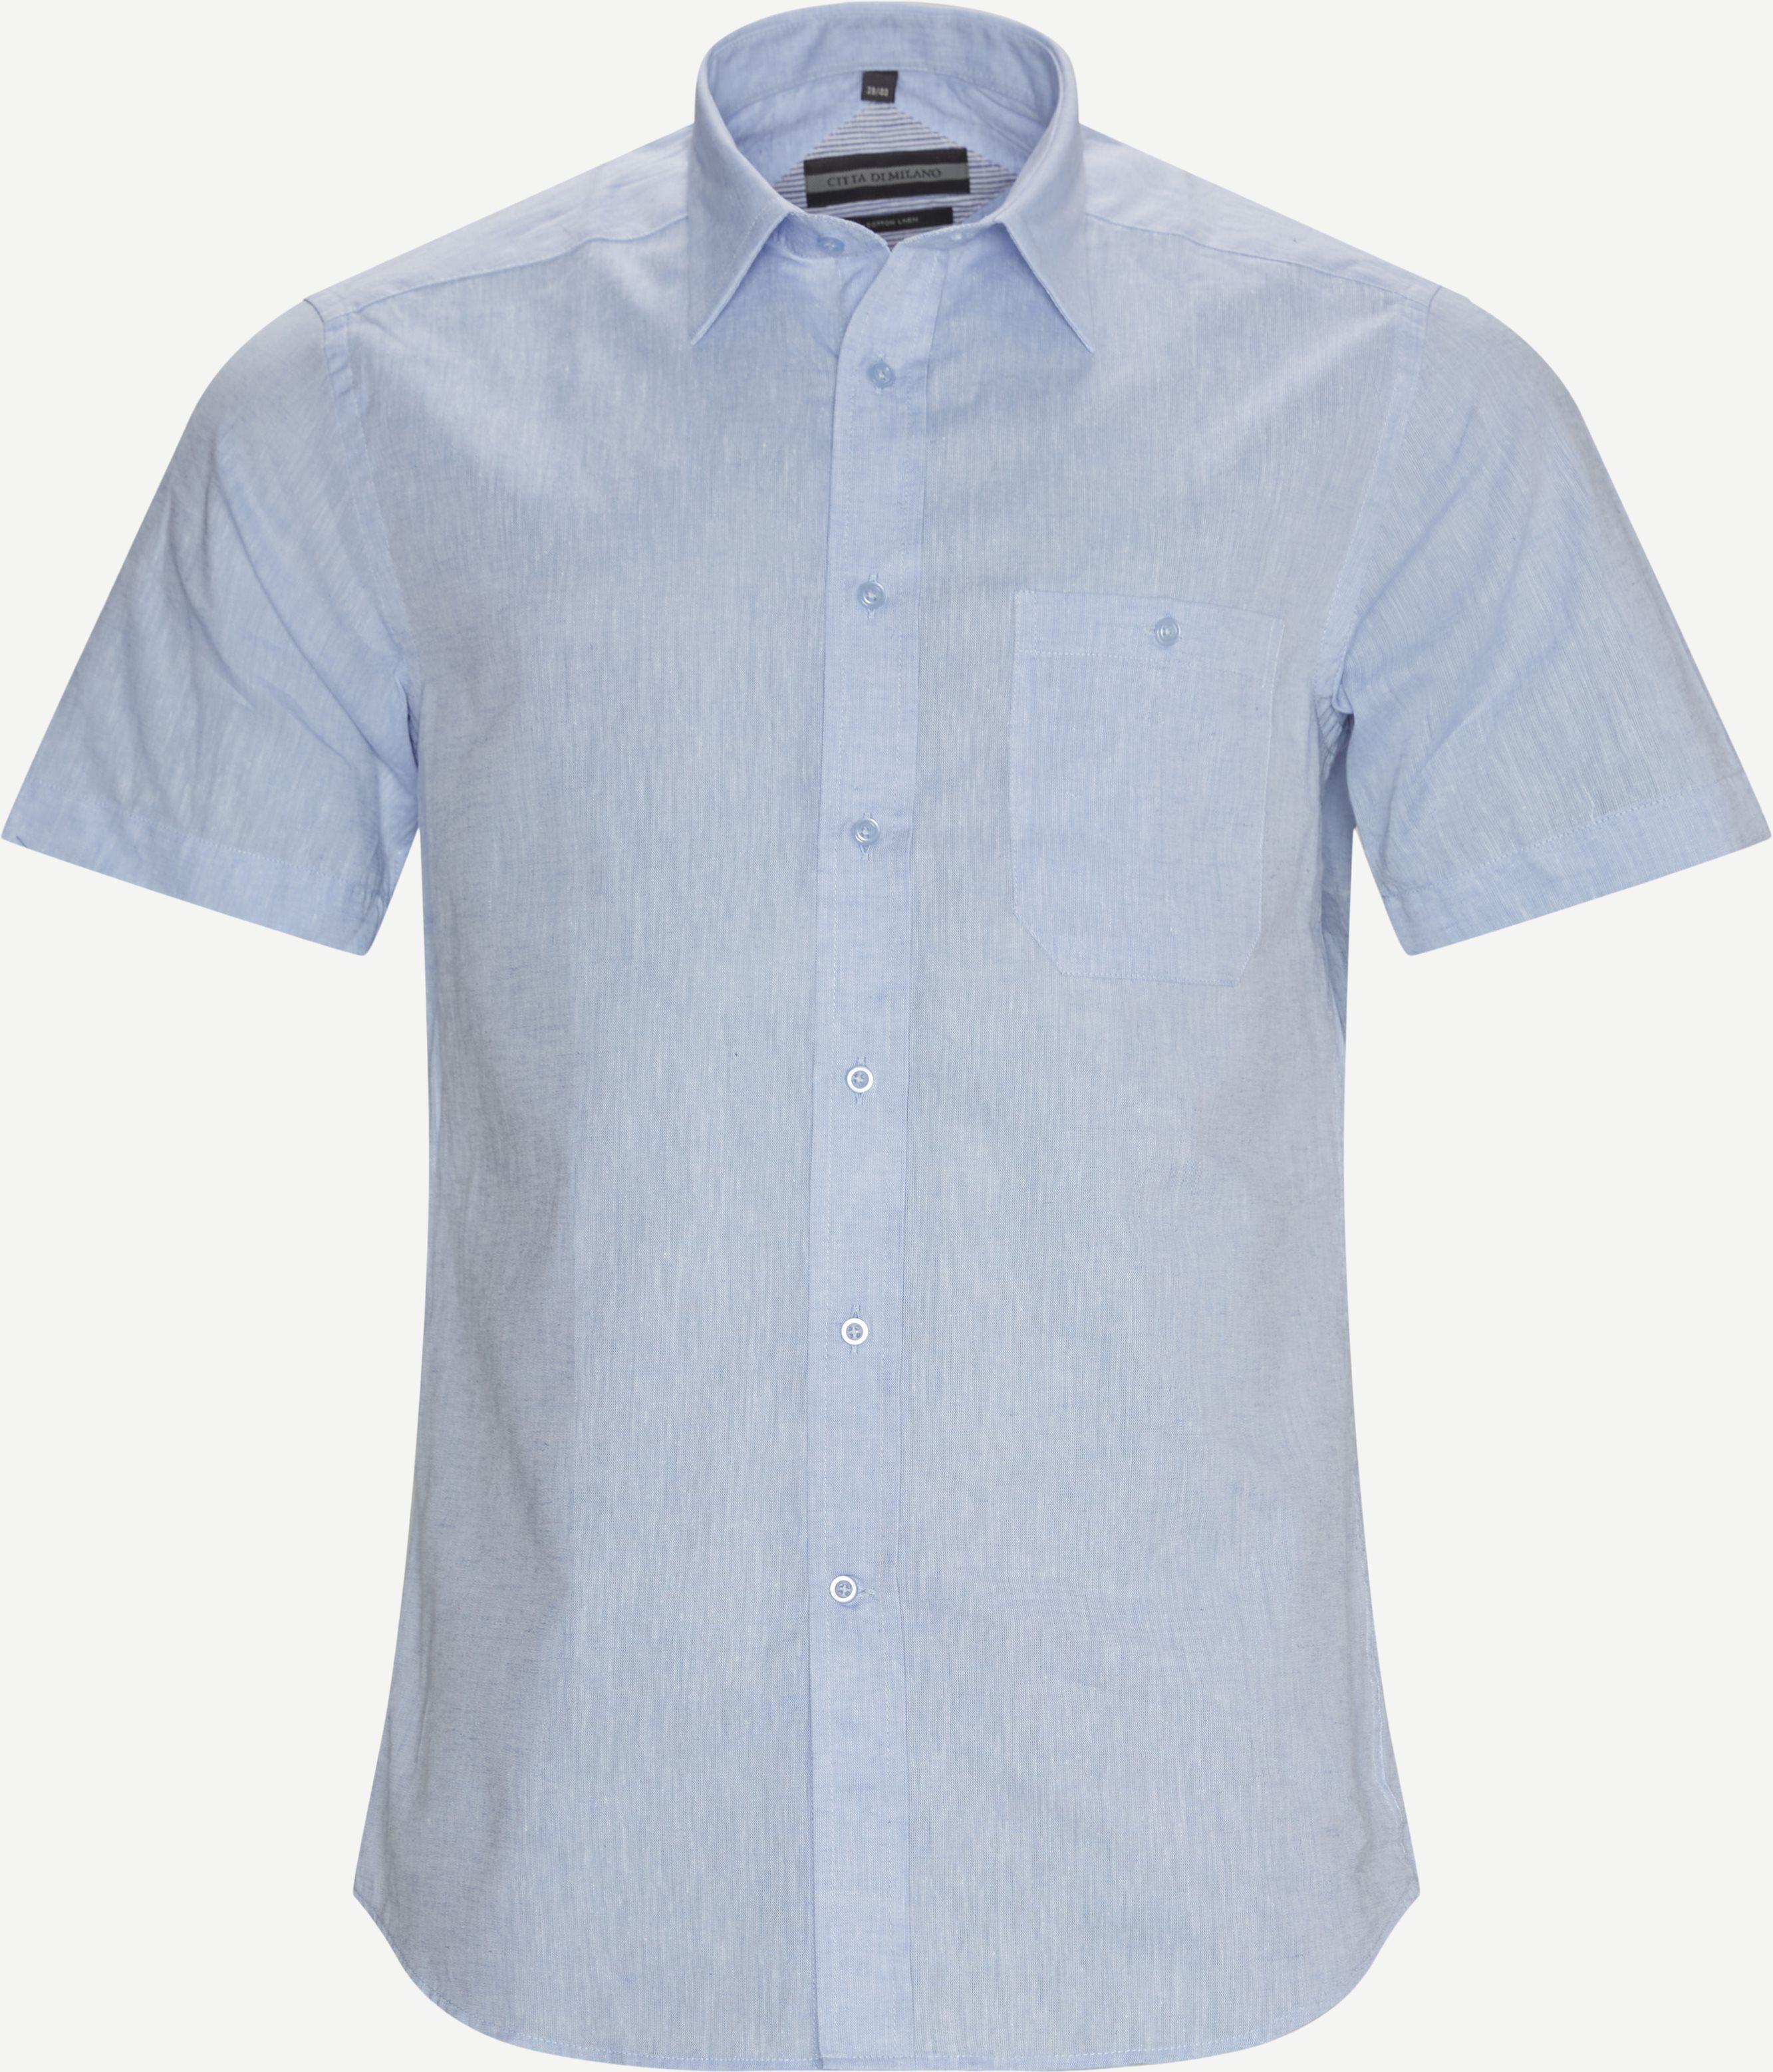 Montreux K/Æ Skjorte - Kortärmade skjortor - Regular fit - Blå